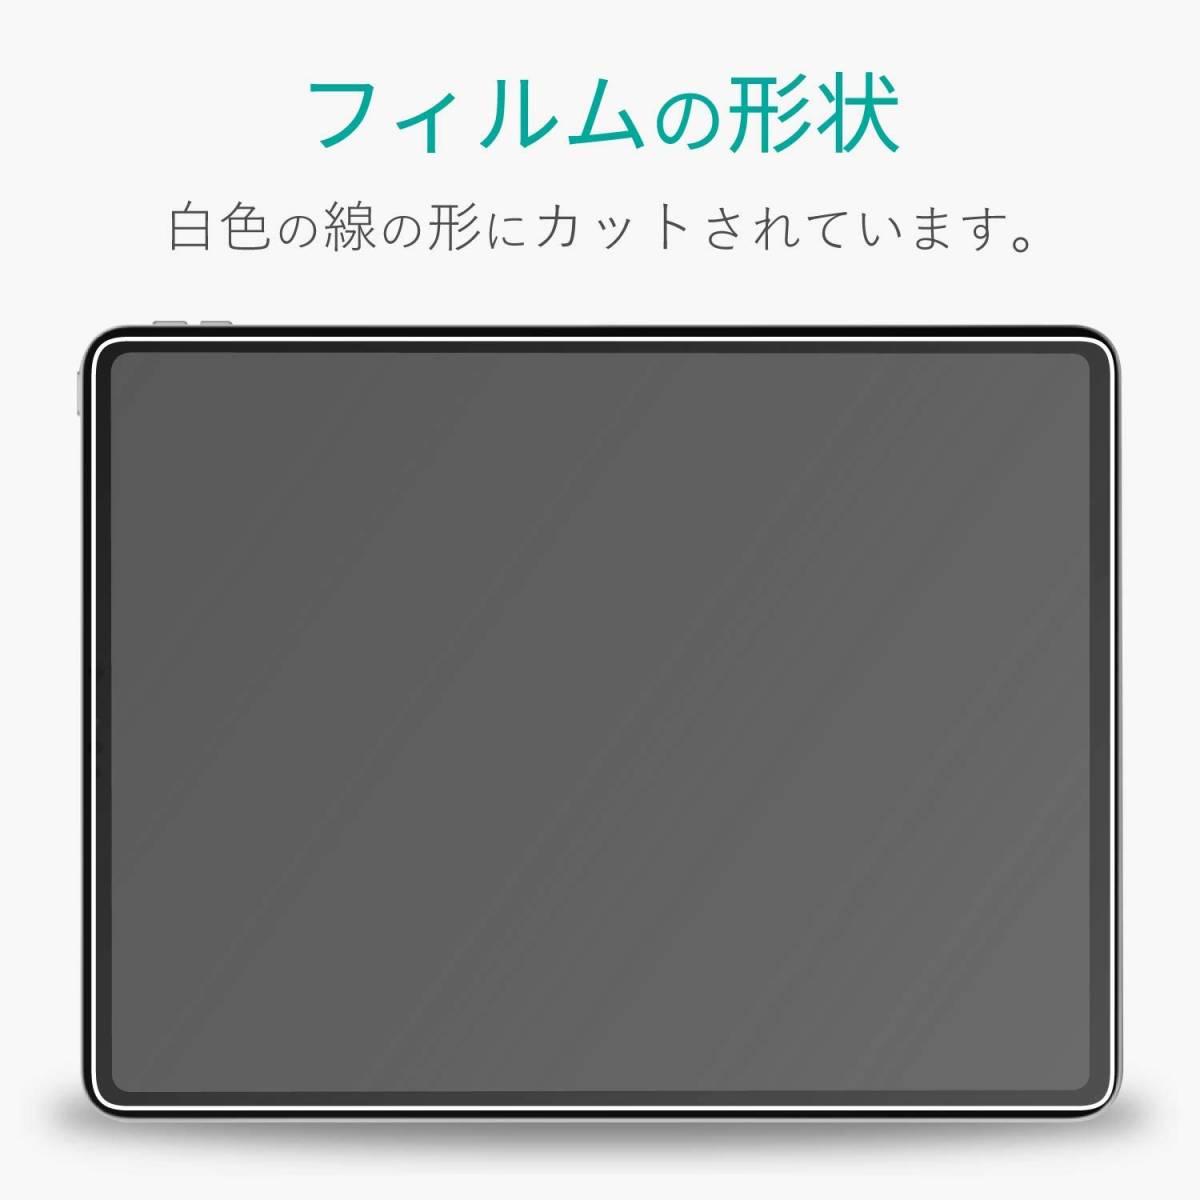 新品◆ELECOM iPad Pro 2018モデル 12.9インチ 強化ガラスフィルム◆_画像7